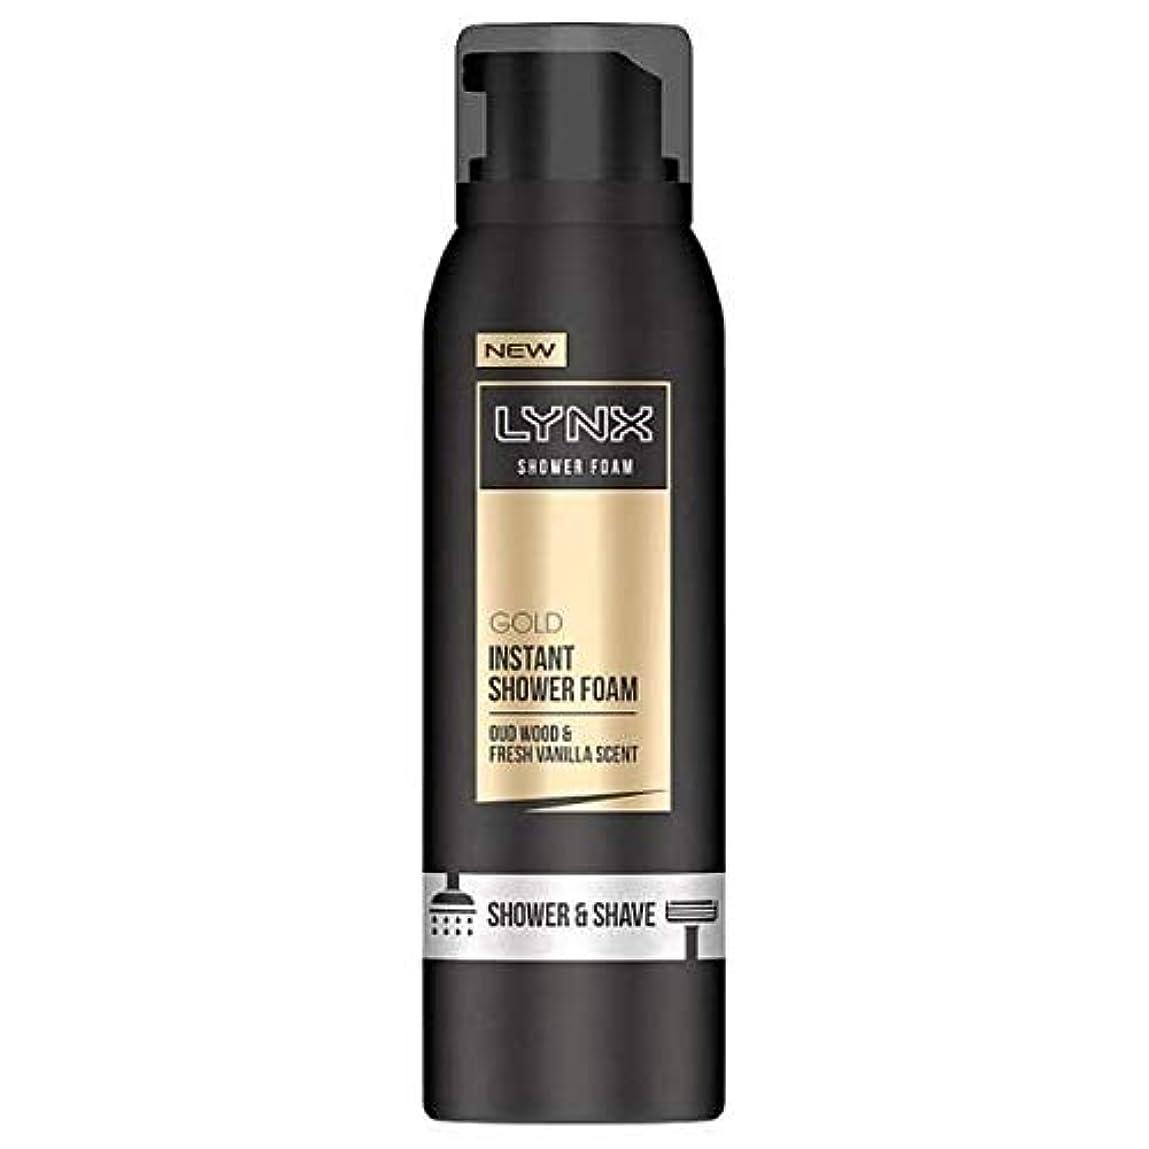 マグインゲンきしむ[Lynx ] オオヤマネコウードウッド&バニラの香りのシャワー&泡200ミリリットルを剃ります - Lynx Oud Wood & Vanilla Scent Shower & Shave Foam 200ml [並行輸入品]